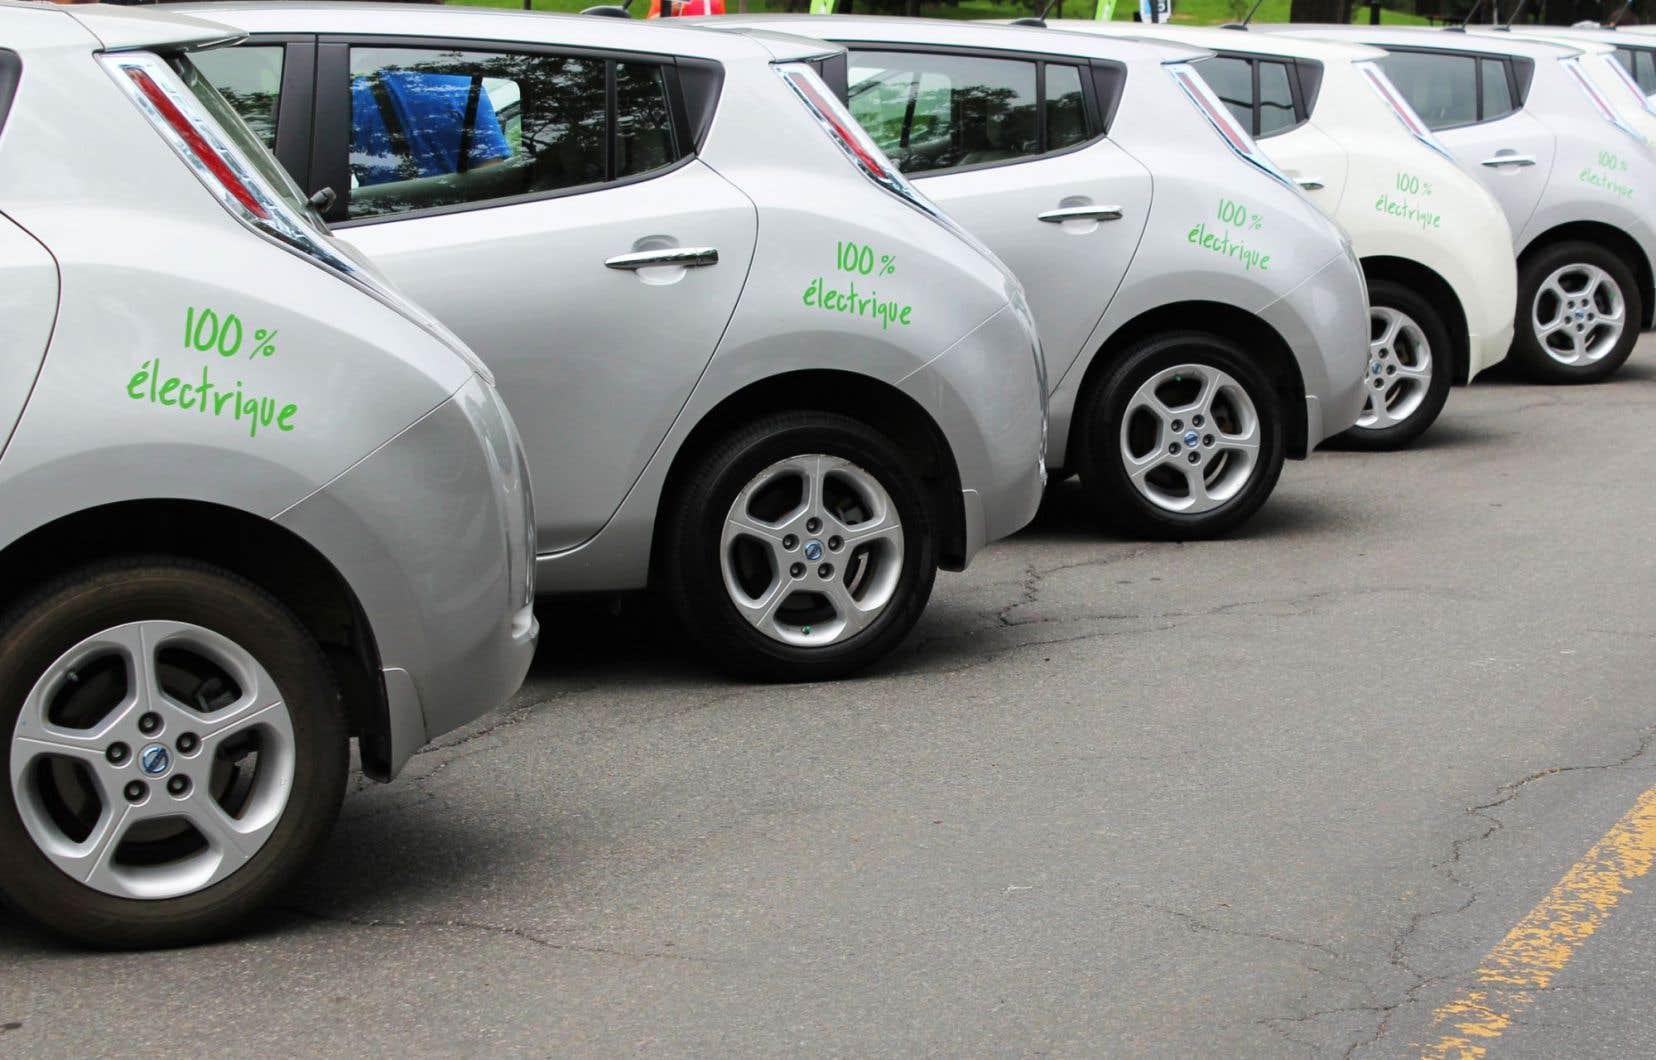 Comme la Ville de Montréal tarde à autoriser l'extension du service, Communauto, avec Auto-Mobile, envisage de se déployer dans des secteurs qui ne comportent pas de vignettes de stationnement.<br />